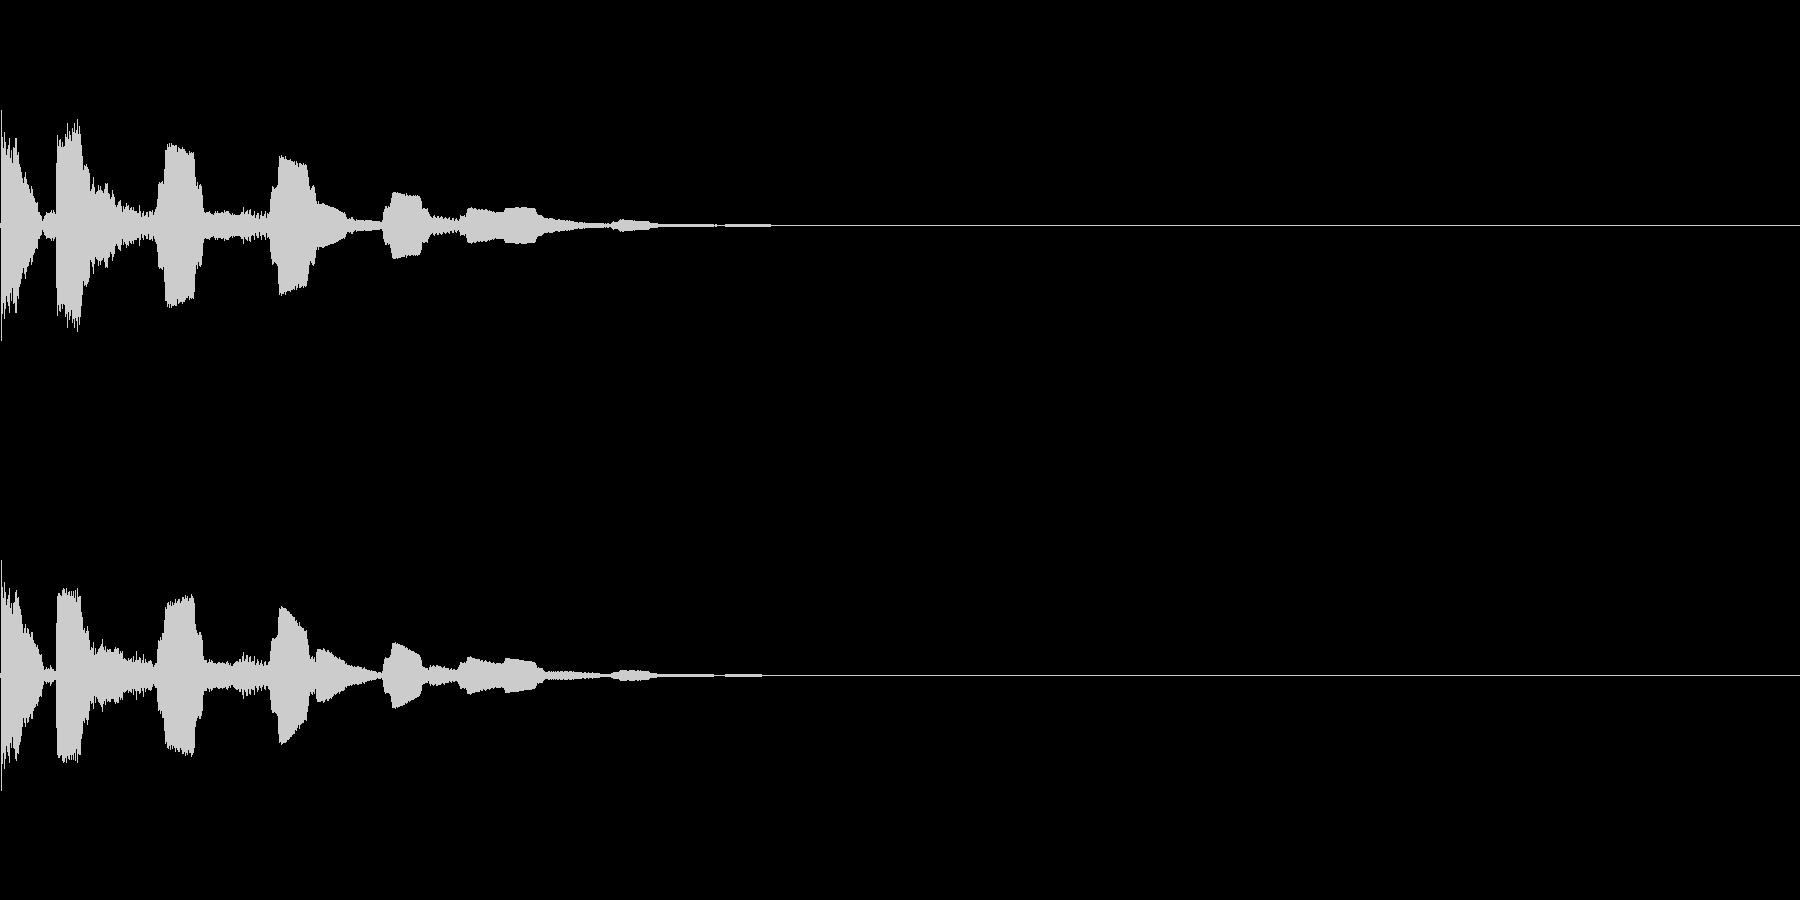 キラキラ電子音(選択、決定)の未再生の波形